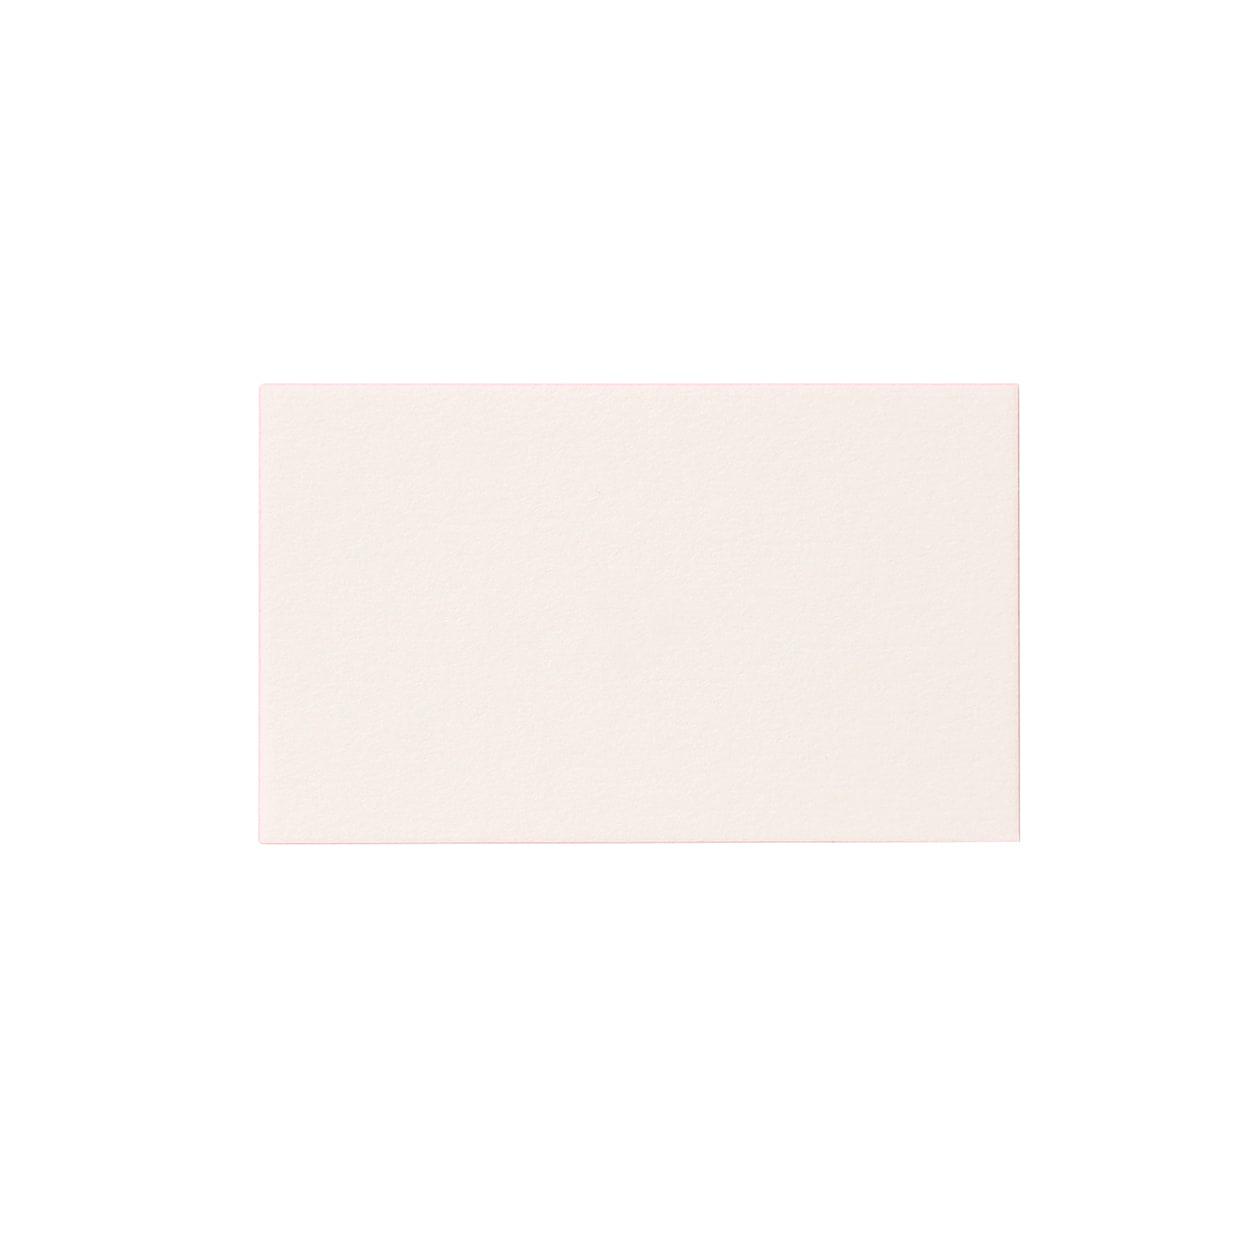 ネームカード エッジカラー 蛍光ピンク 348.8g